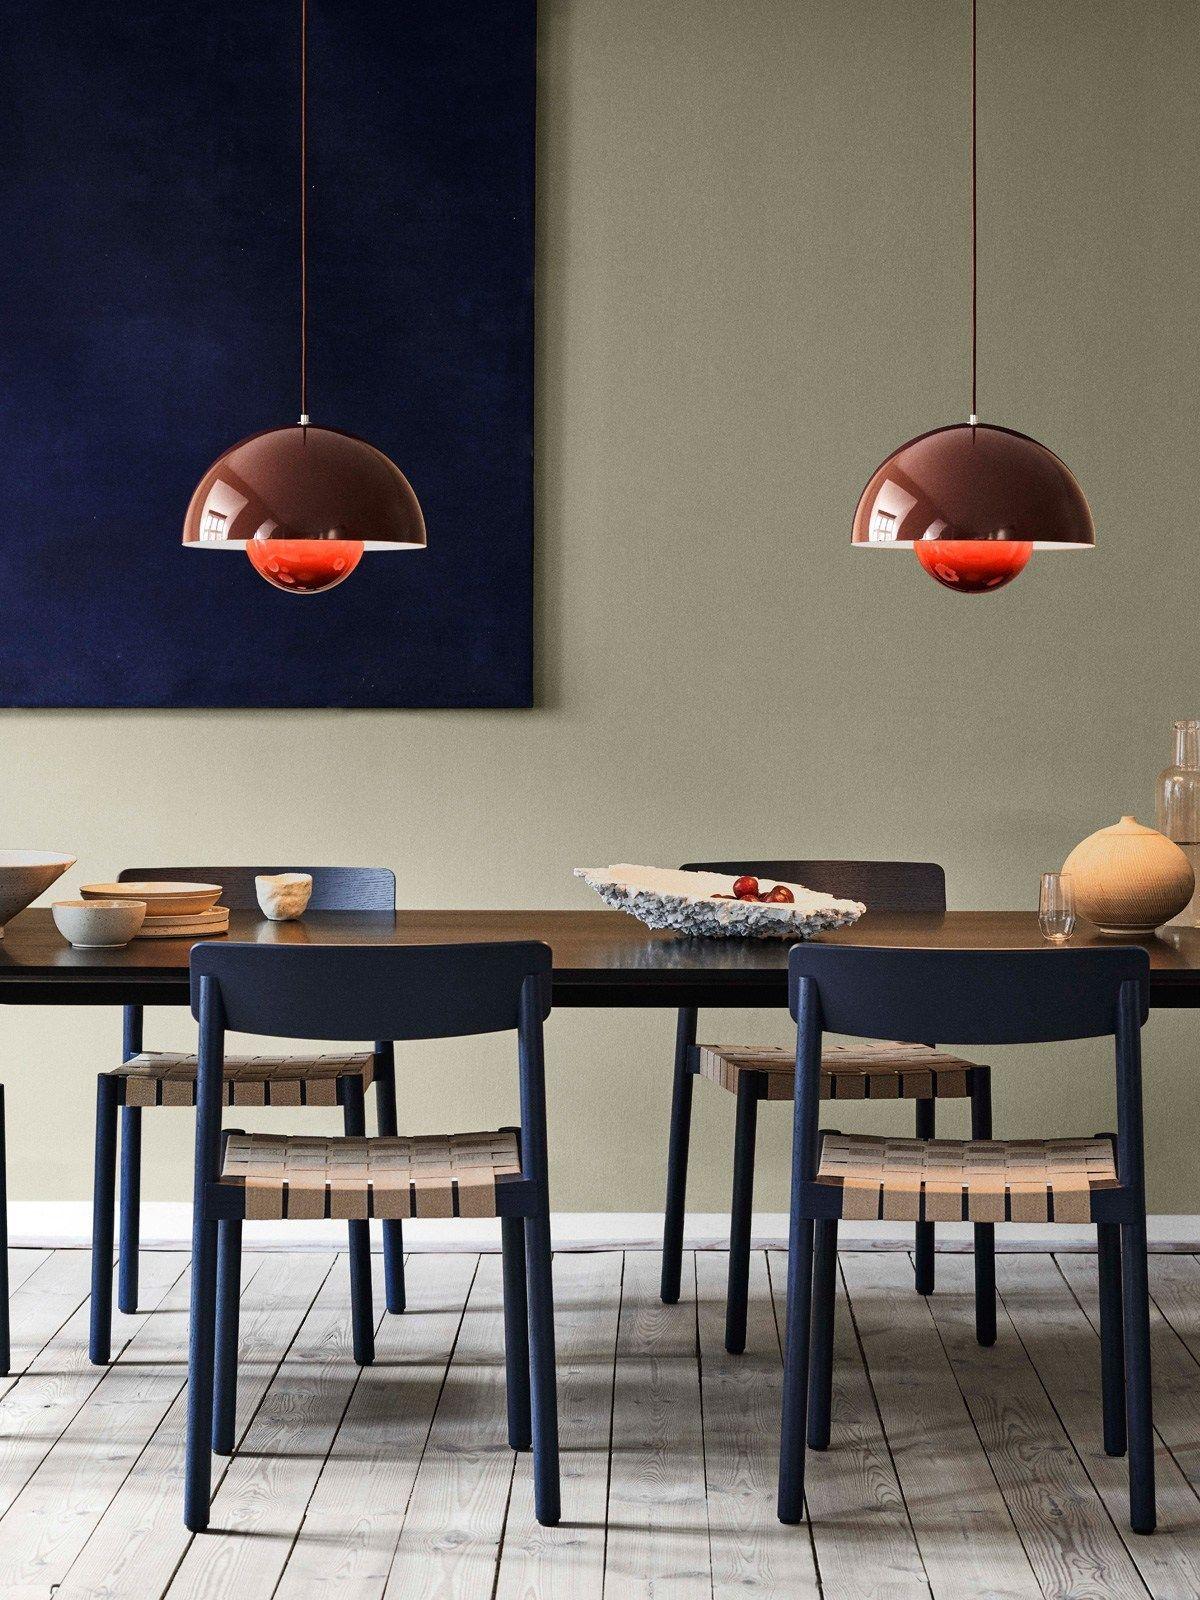 Big Flowerpot Vp2 In Neuen Farben Tradition Skanidnavisch Design Leuchten Bauhaus Interior Design Esstisch Beleuchtung